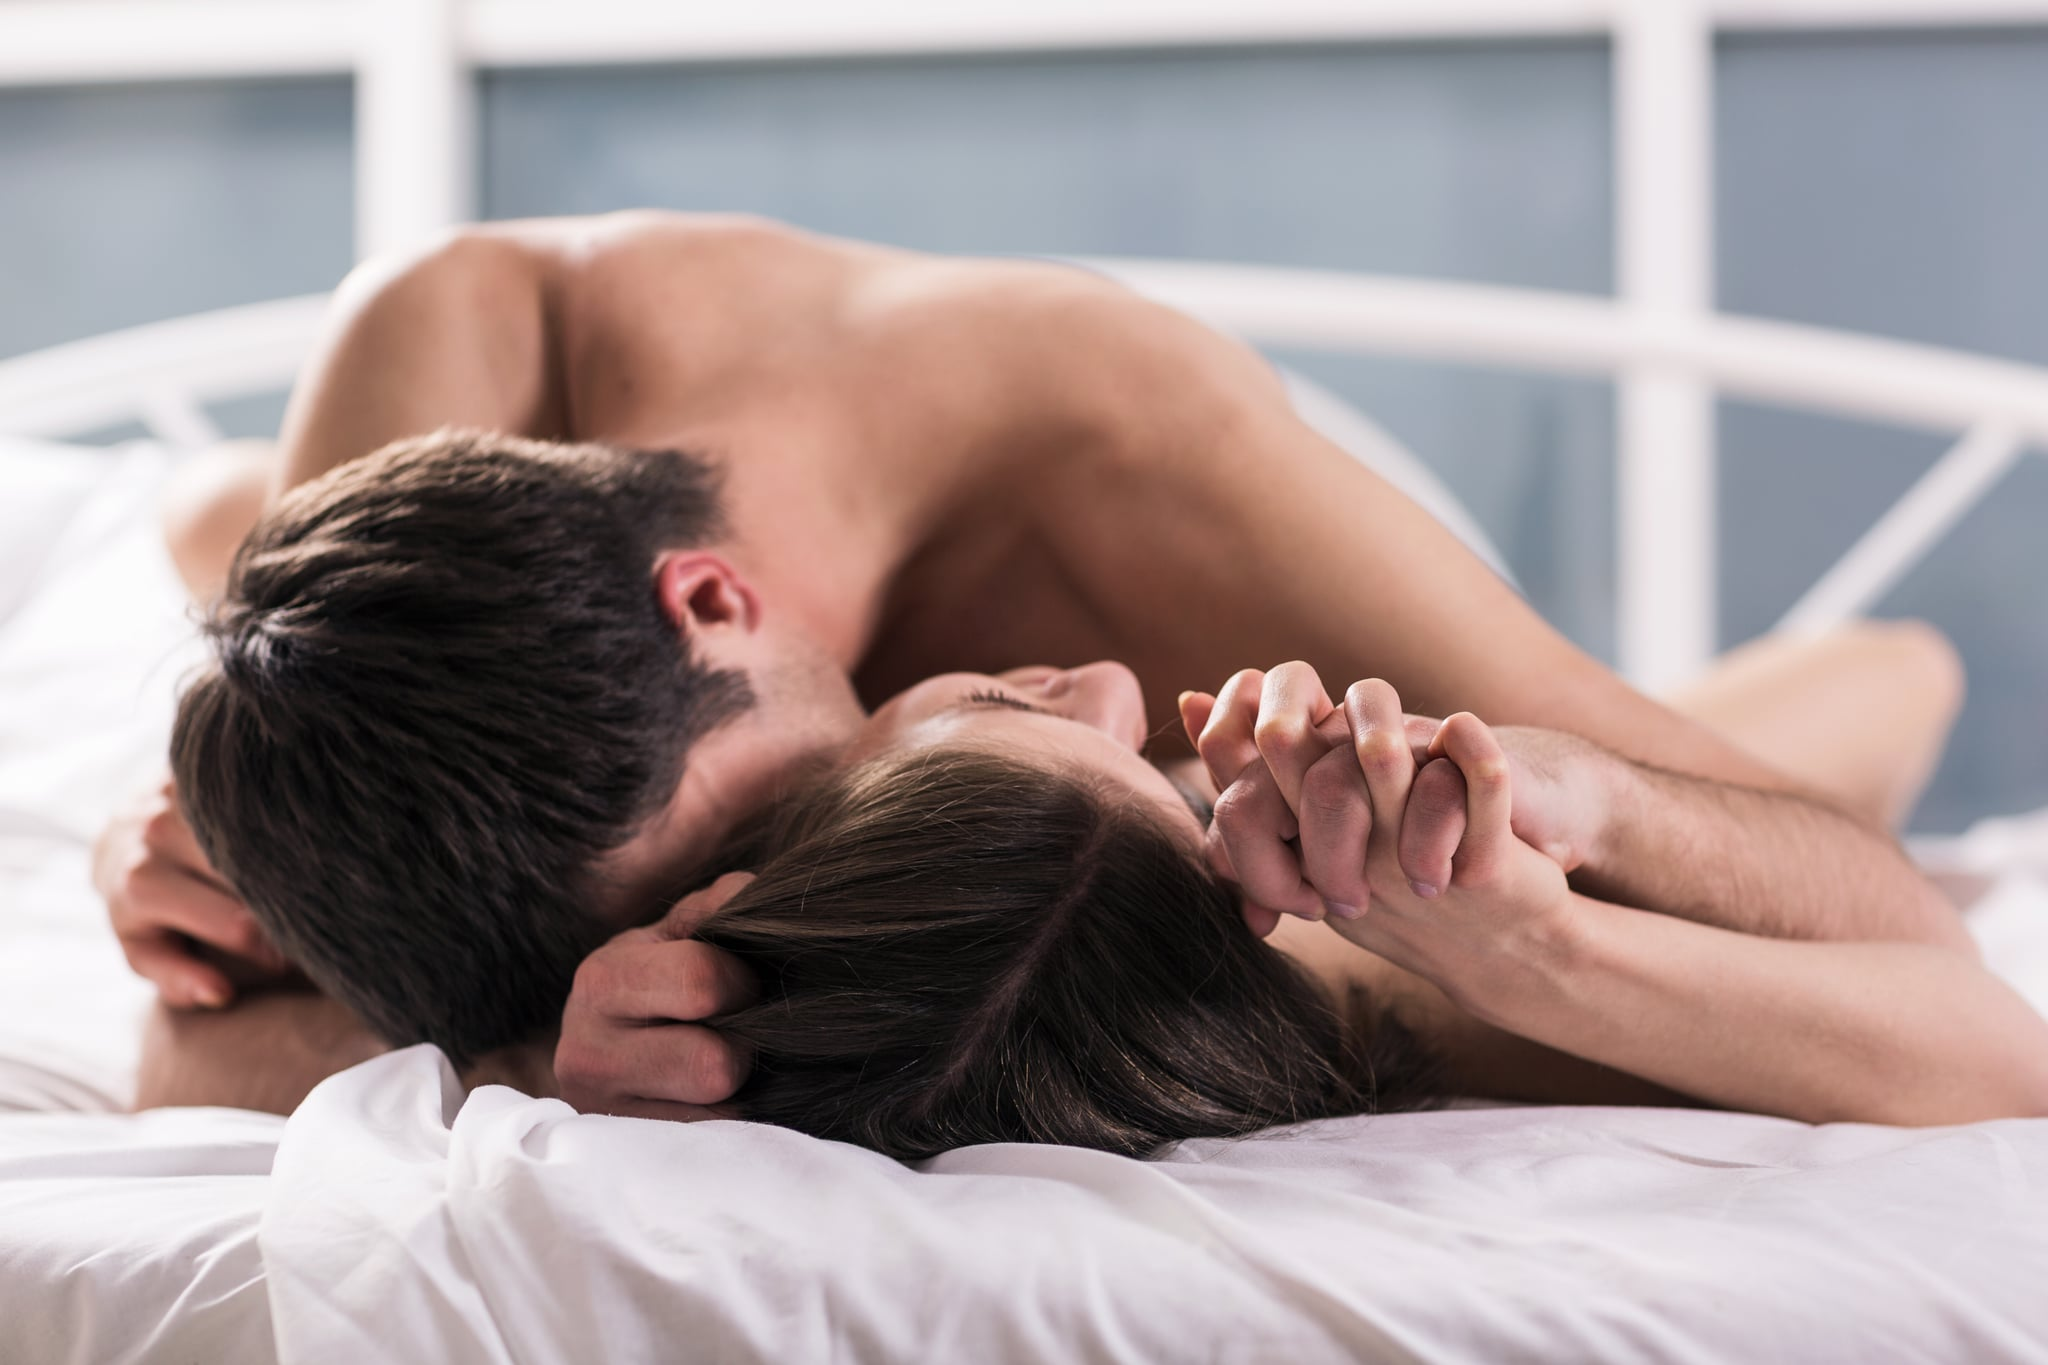 Hypnotized girl strips nude